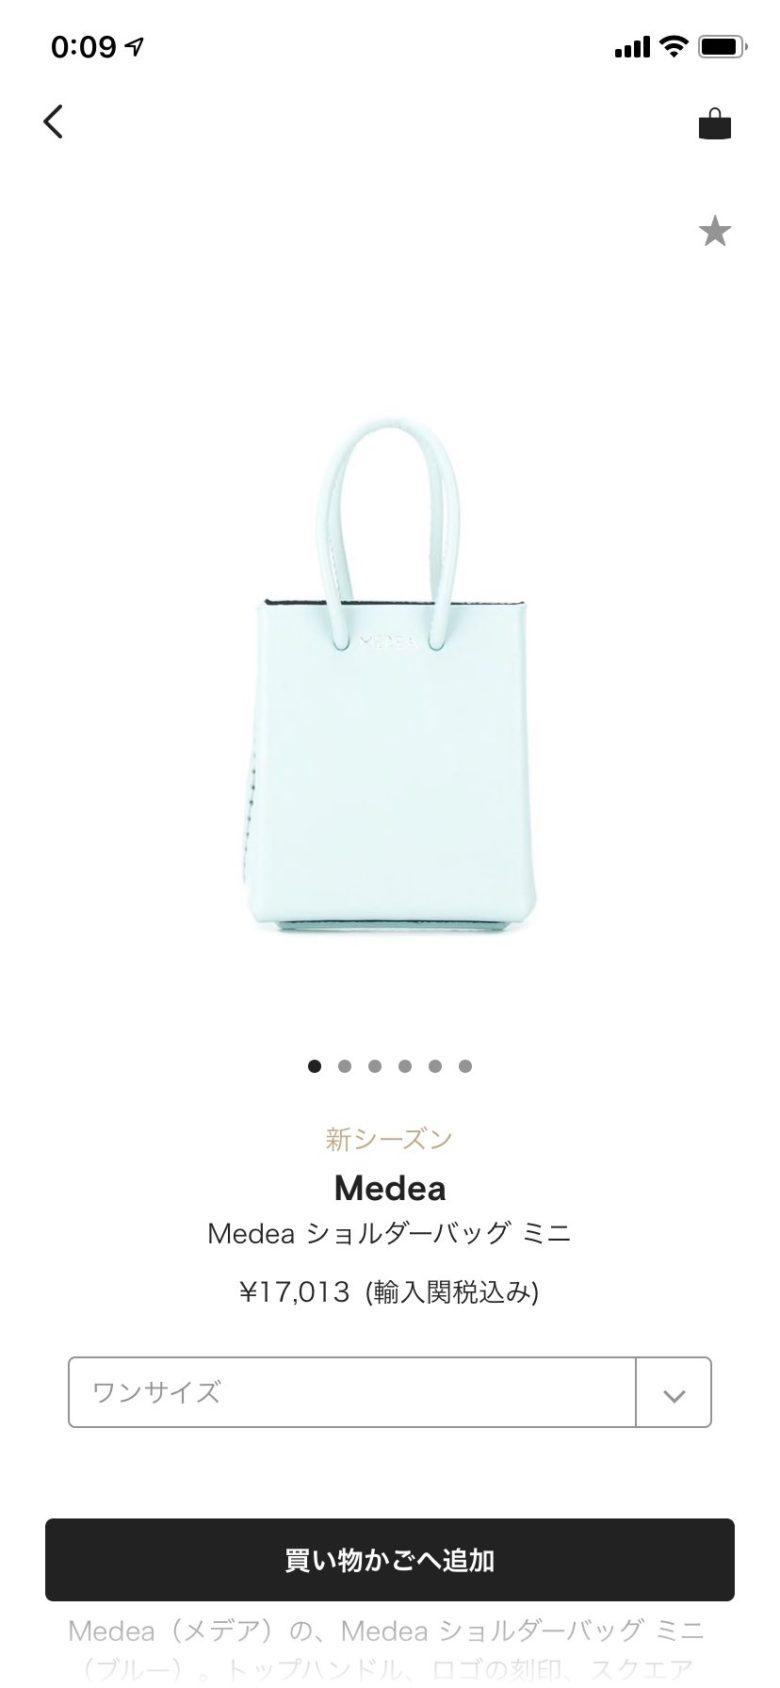 海外ブランド『Medea』の小さすぎるショルダーバッグミニ(笑)